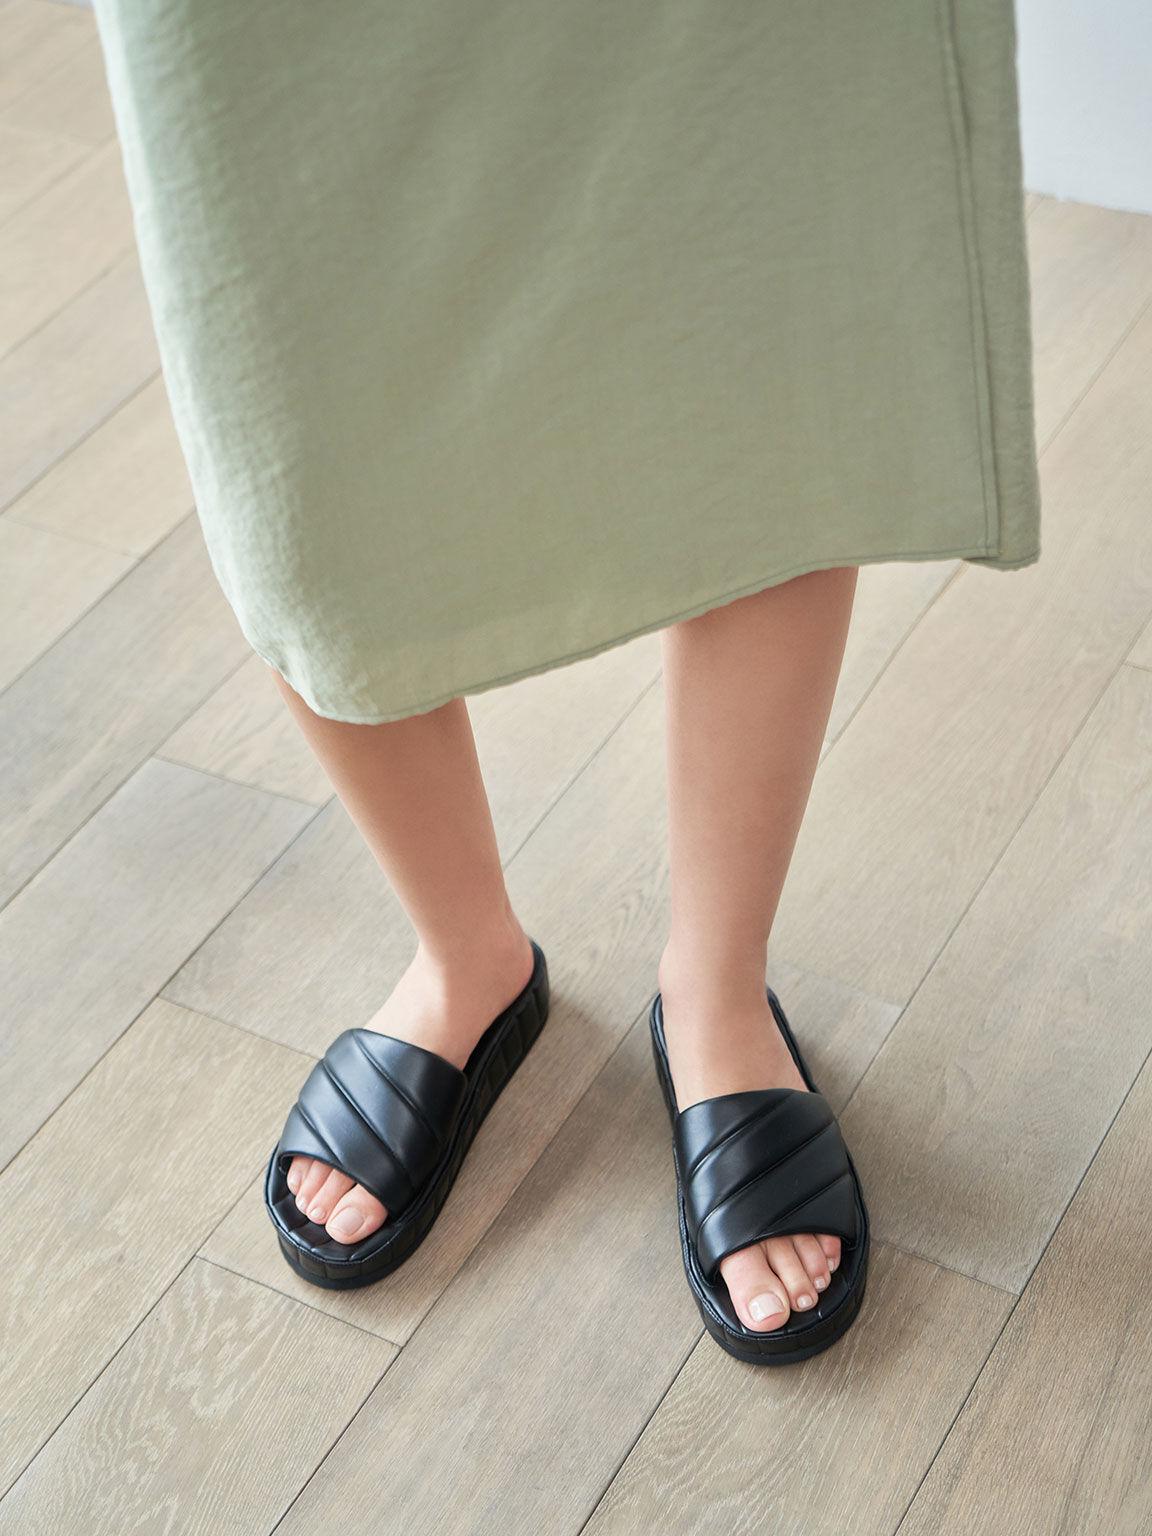 Puffy Flatform Slide Sandals, Black, hi-res